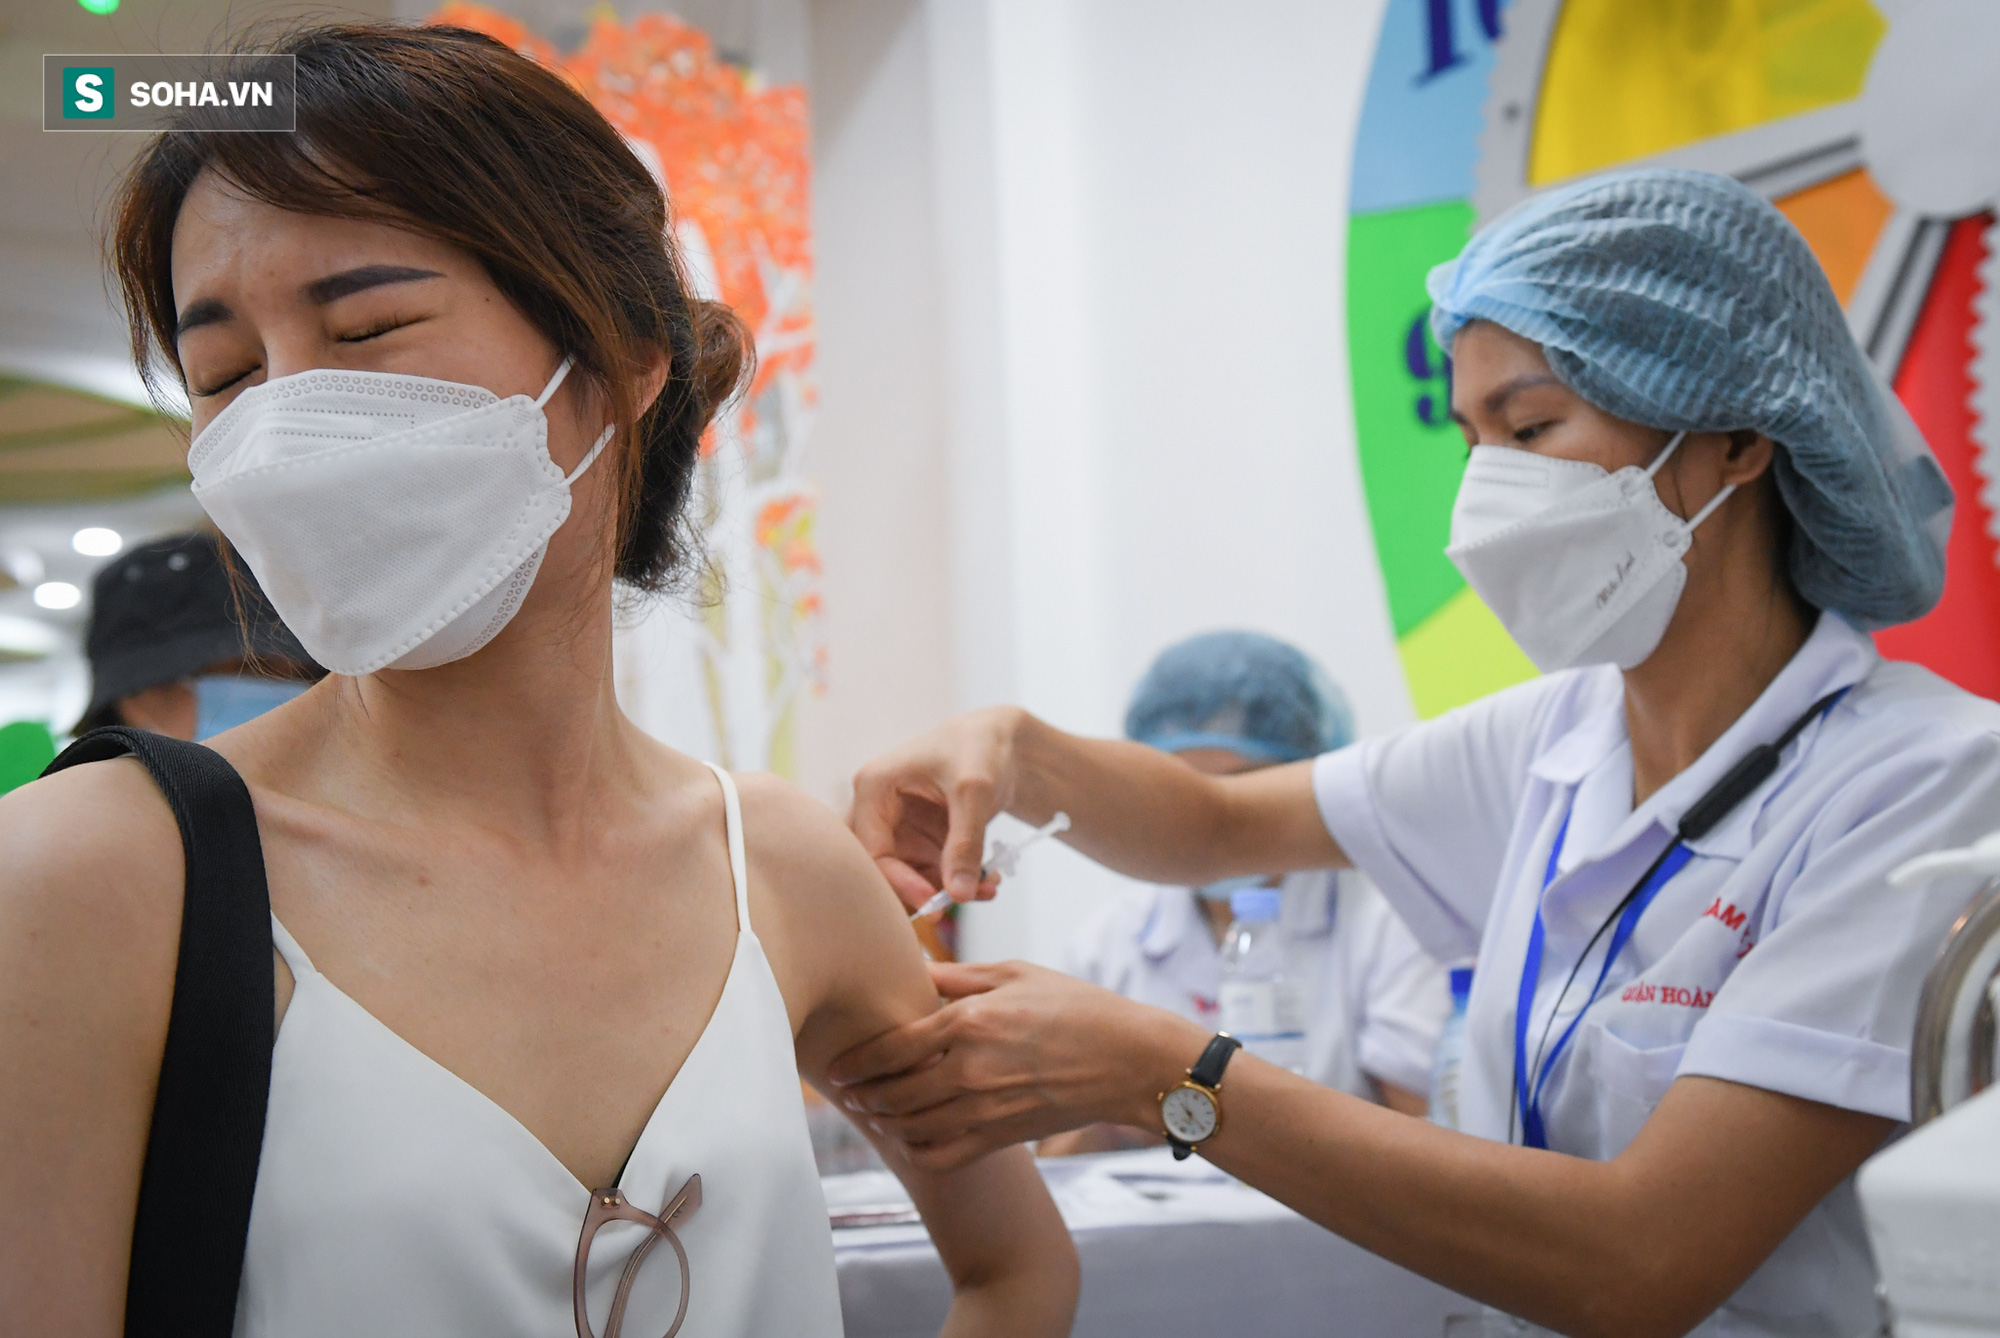 Hà Nội bắt đầu tiêm vaccine Covid-19 trên diện rộng - Ảnh 6.